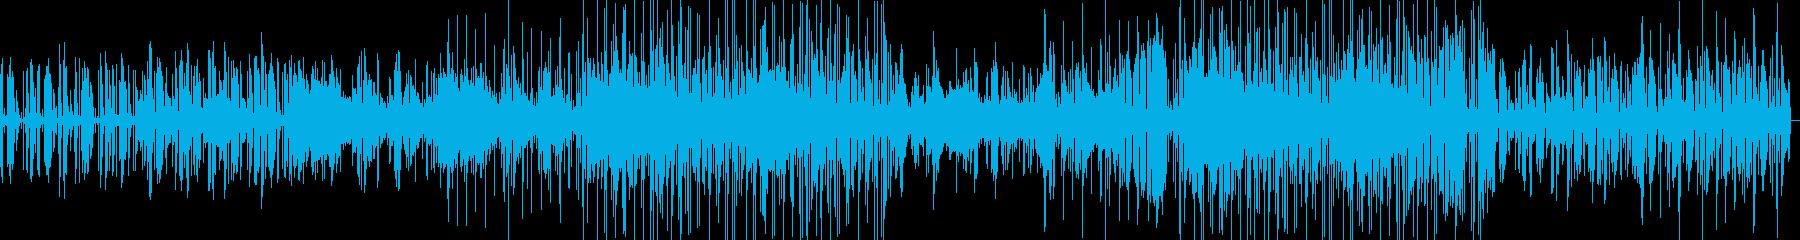 南国をイメージしたおしゃれBGMの再生済みの波形